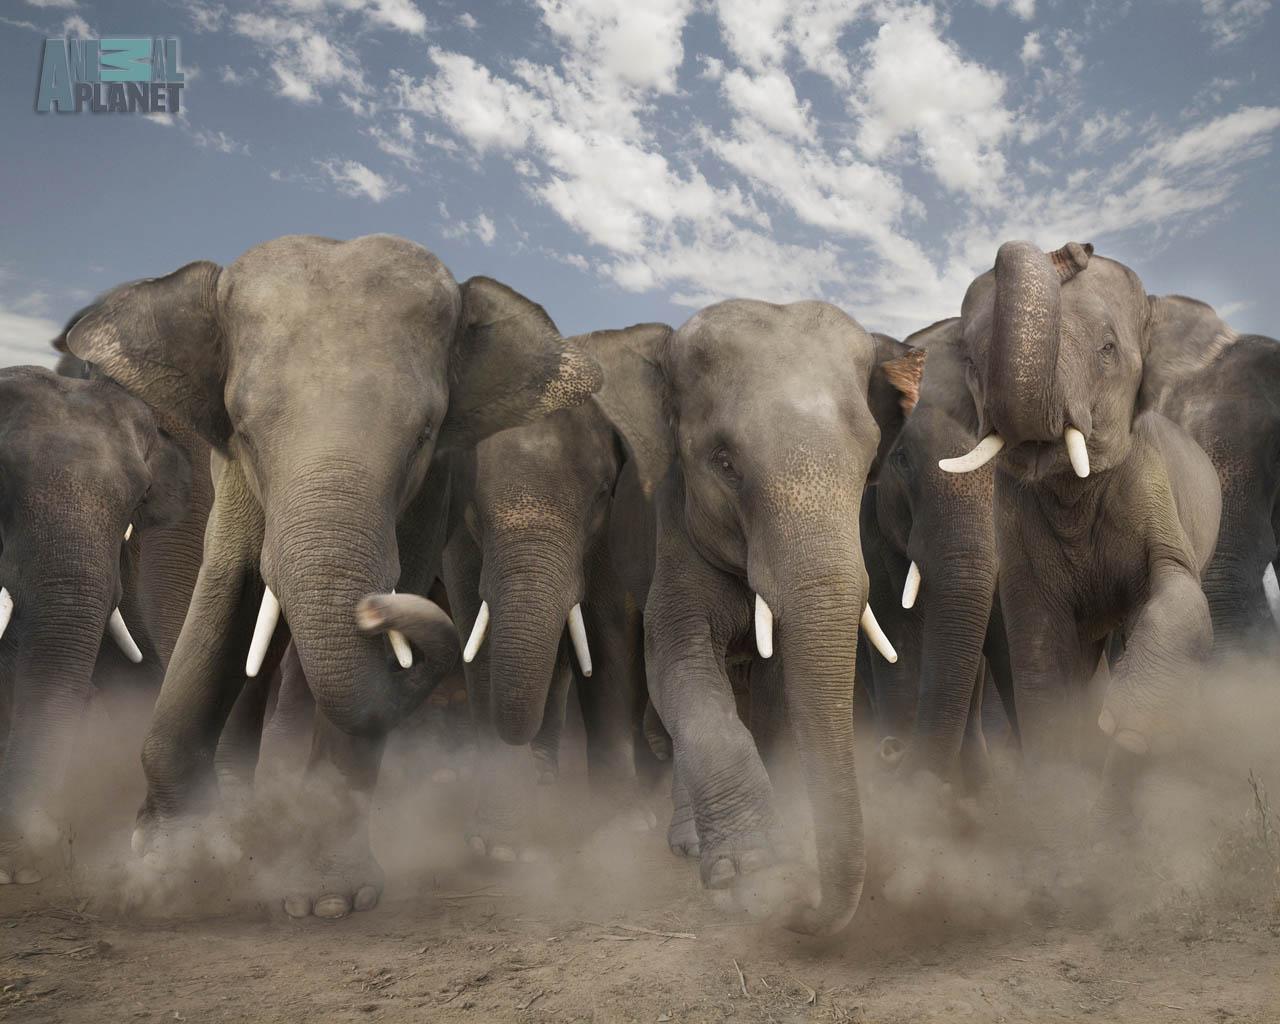 descargar fotos de animales - Animales Chistosos Imagenes Chistosas